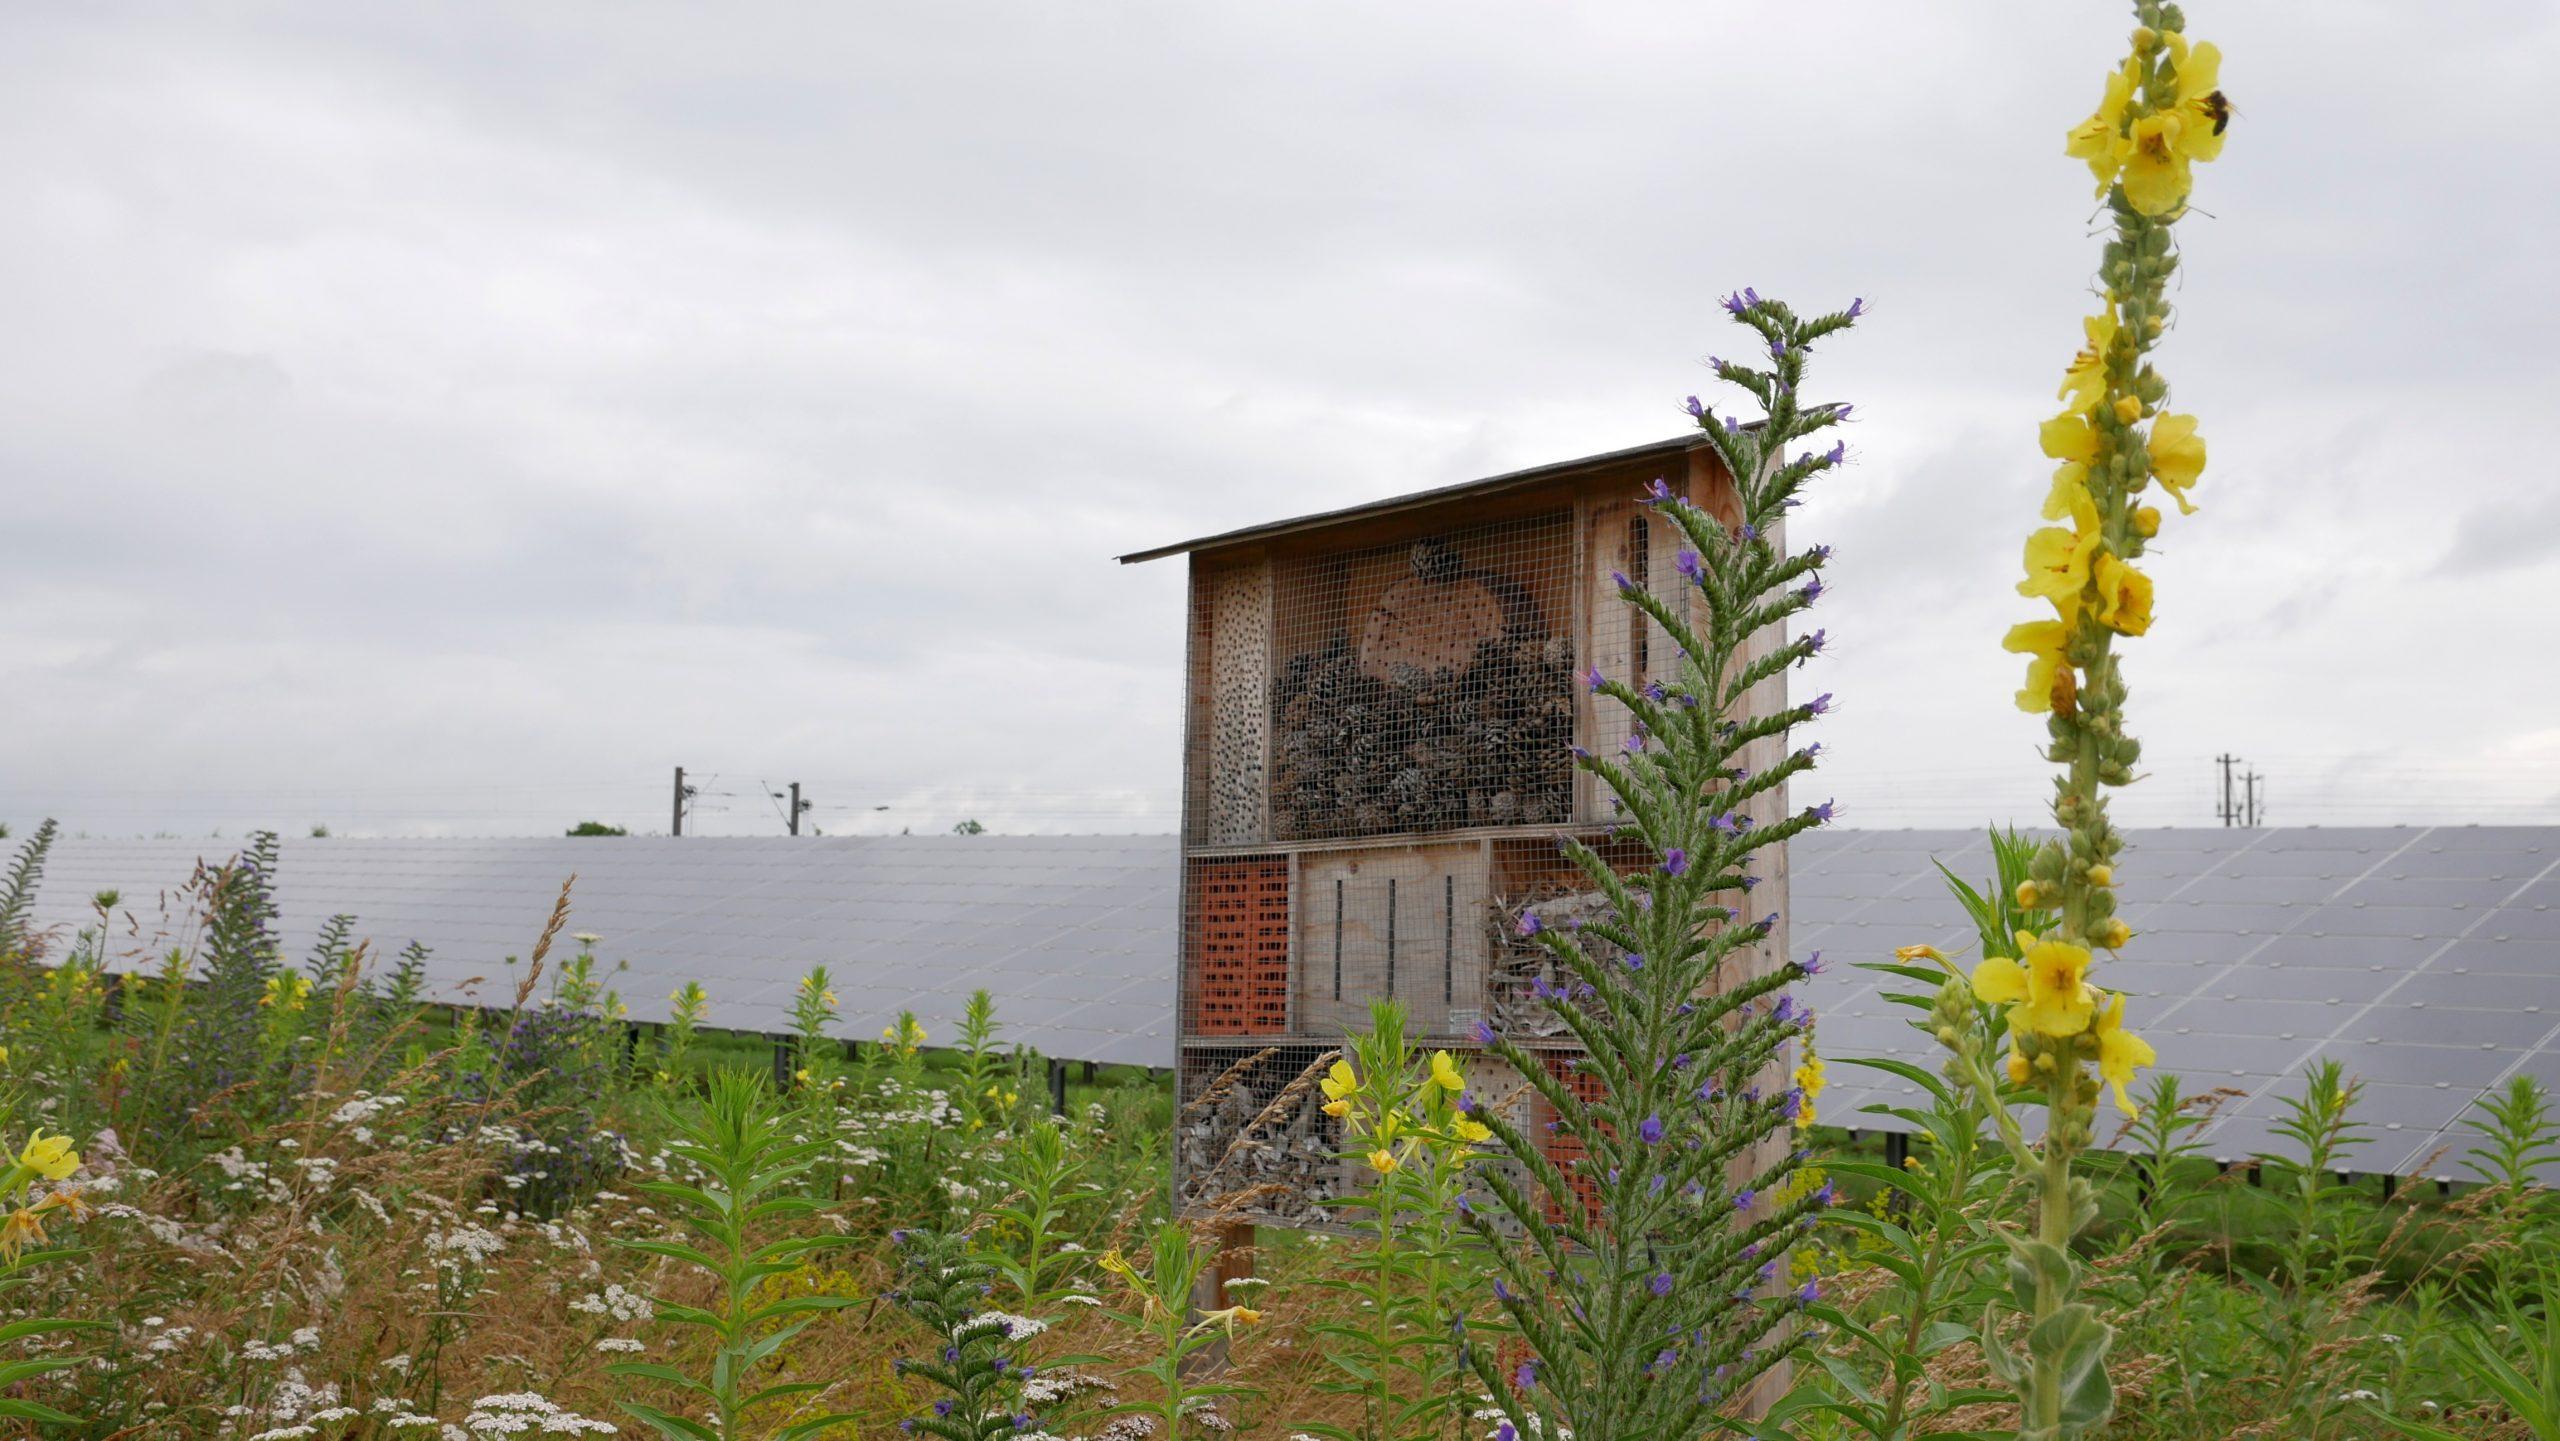 Solarkraftwerk in Schweinfurt-Oberndorf: Die Flächen kommen auch Insekten zugute. (Foto: Michael Enderlein)